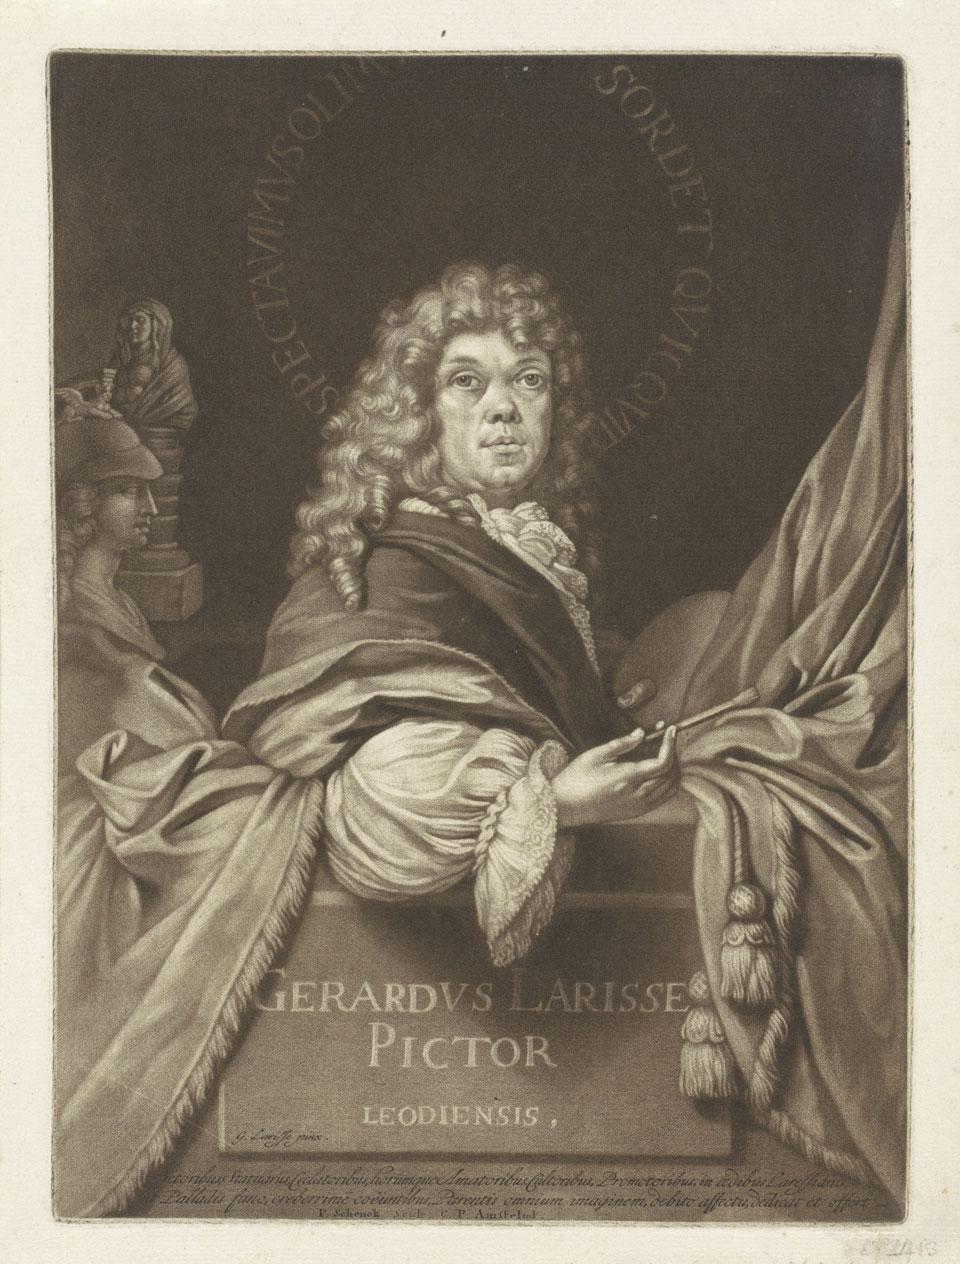 Gerard de Lairesse, Zelfportret van Gerard de Lairesse als jonge kunstenaar (1650-1711)